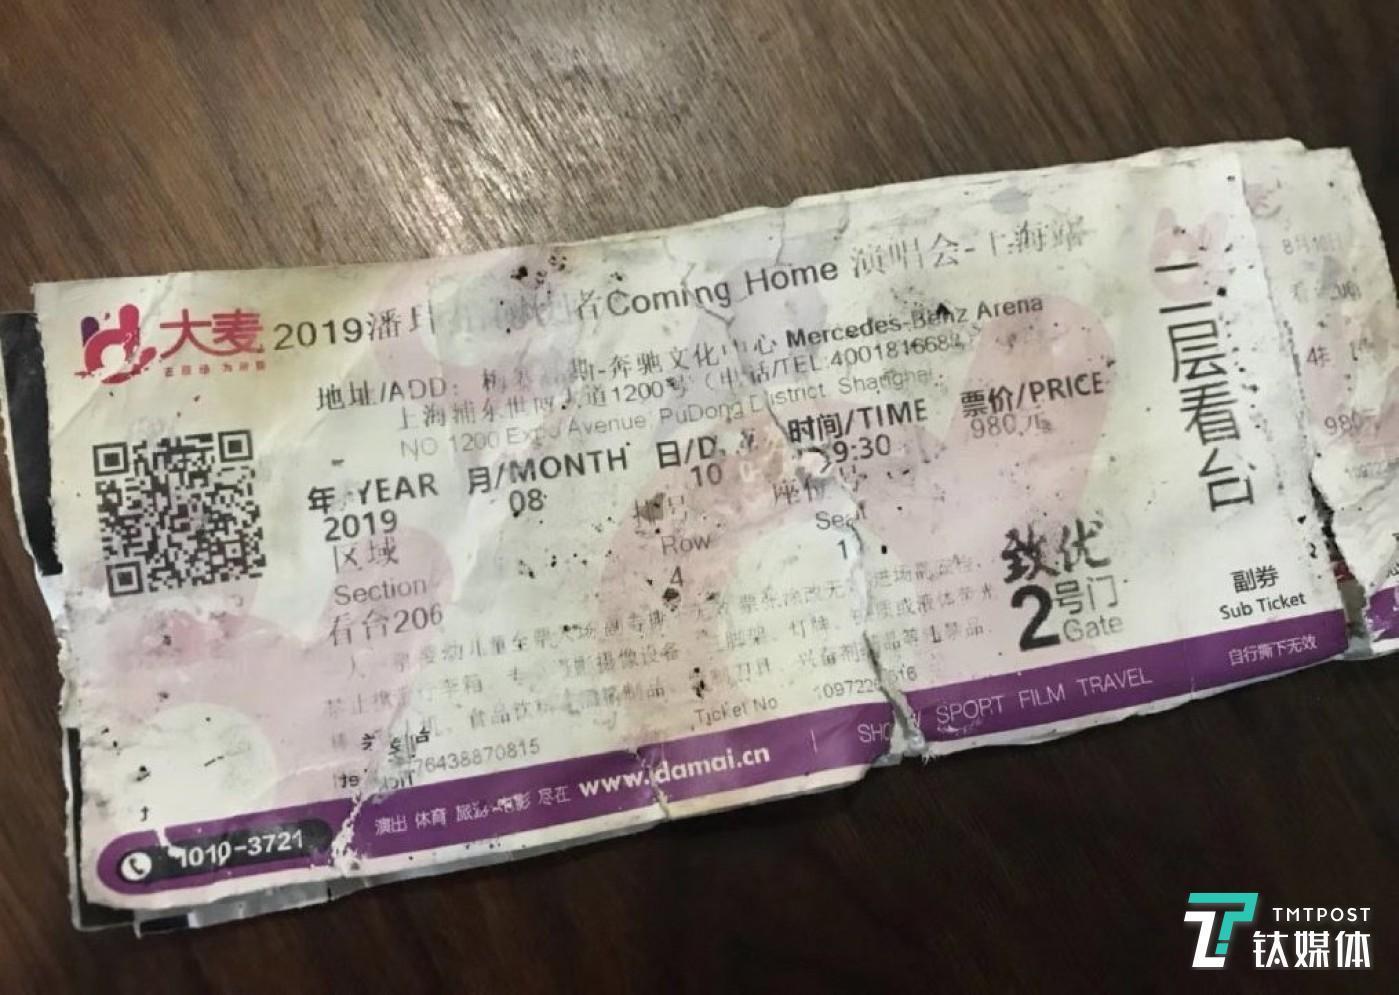 感谢上海垃圾分类,微博用户@略略略略略哥 终于找回演唱会门票